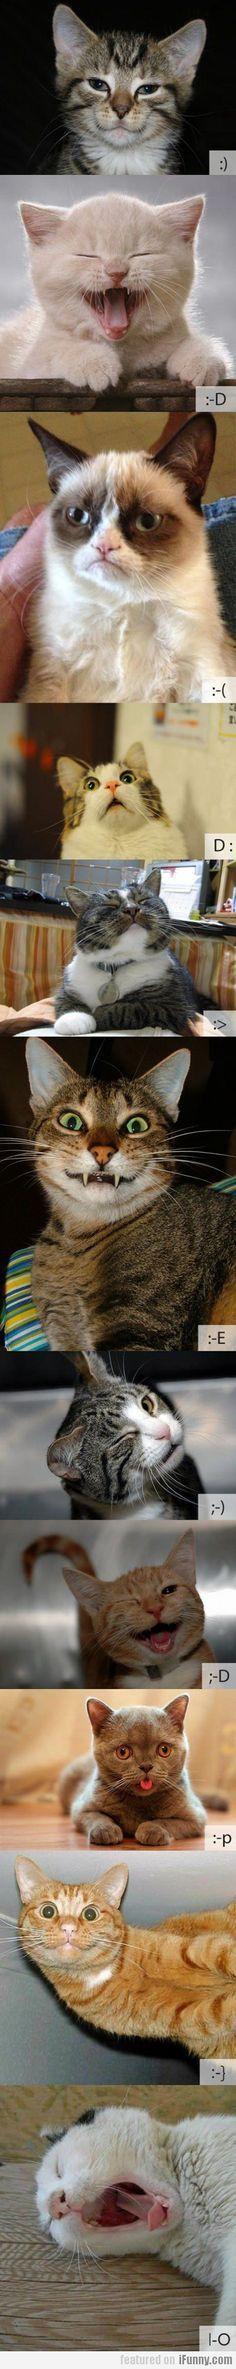 Cat Emoticons, bahahaha!